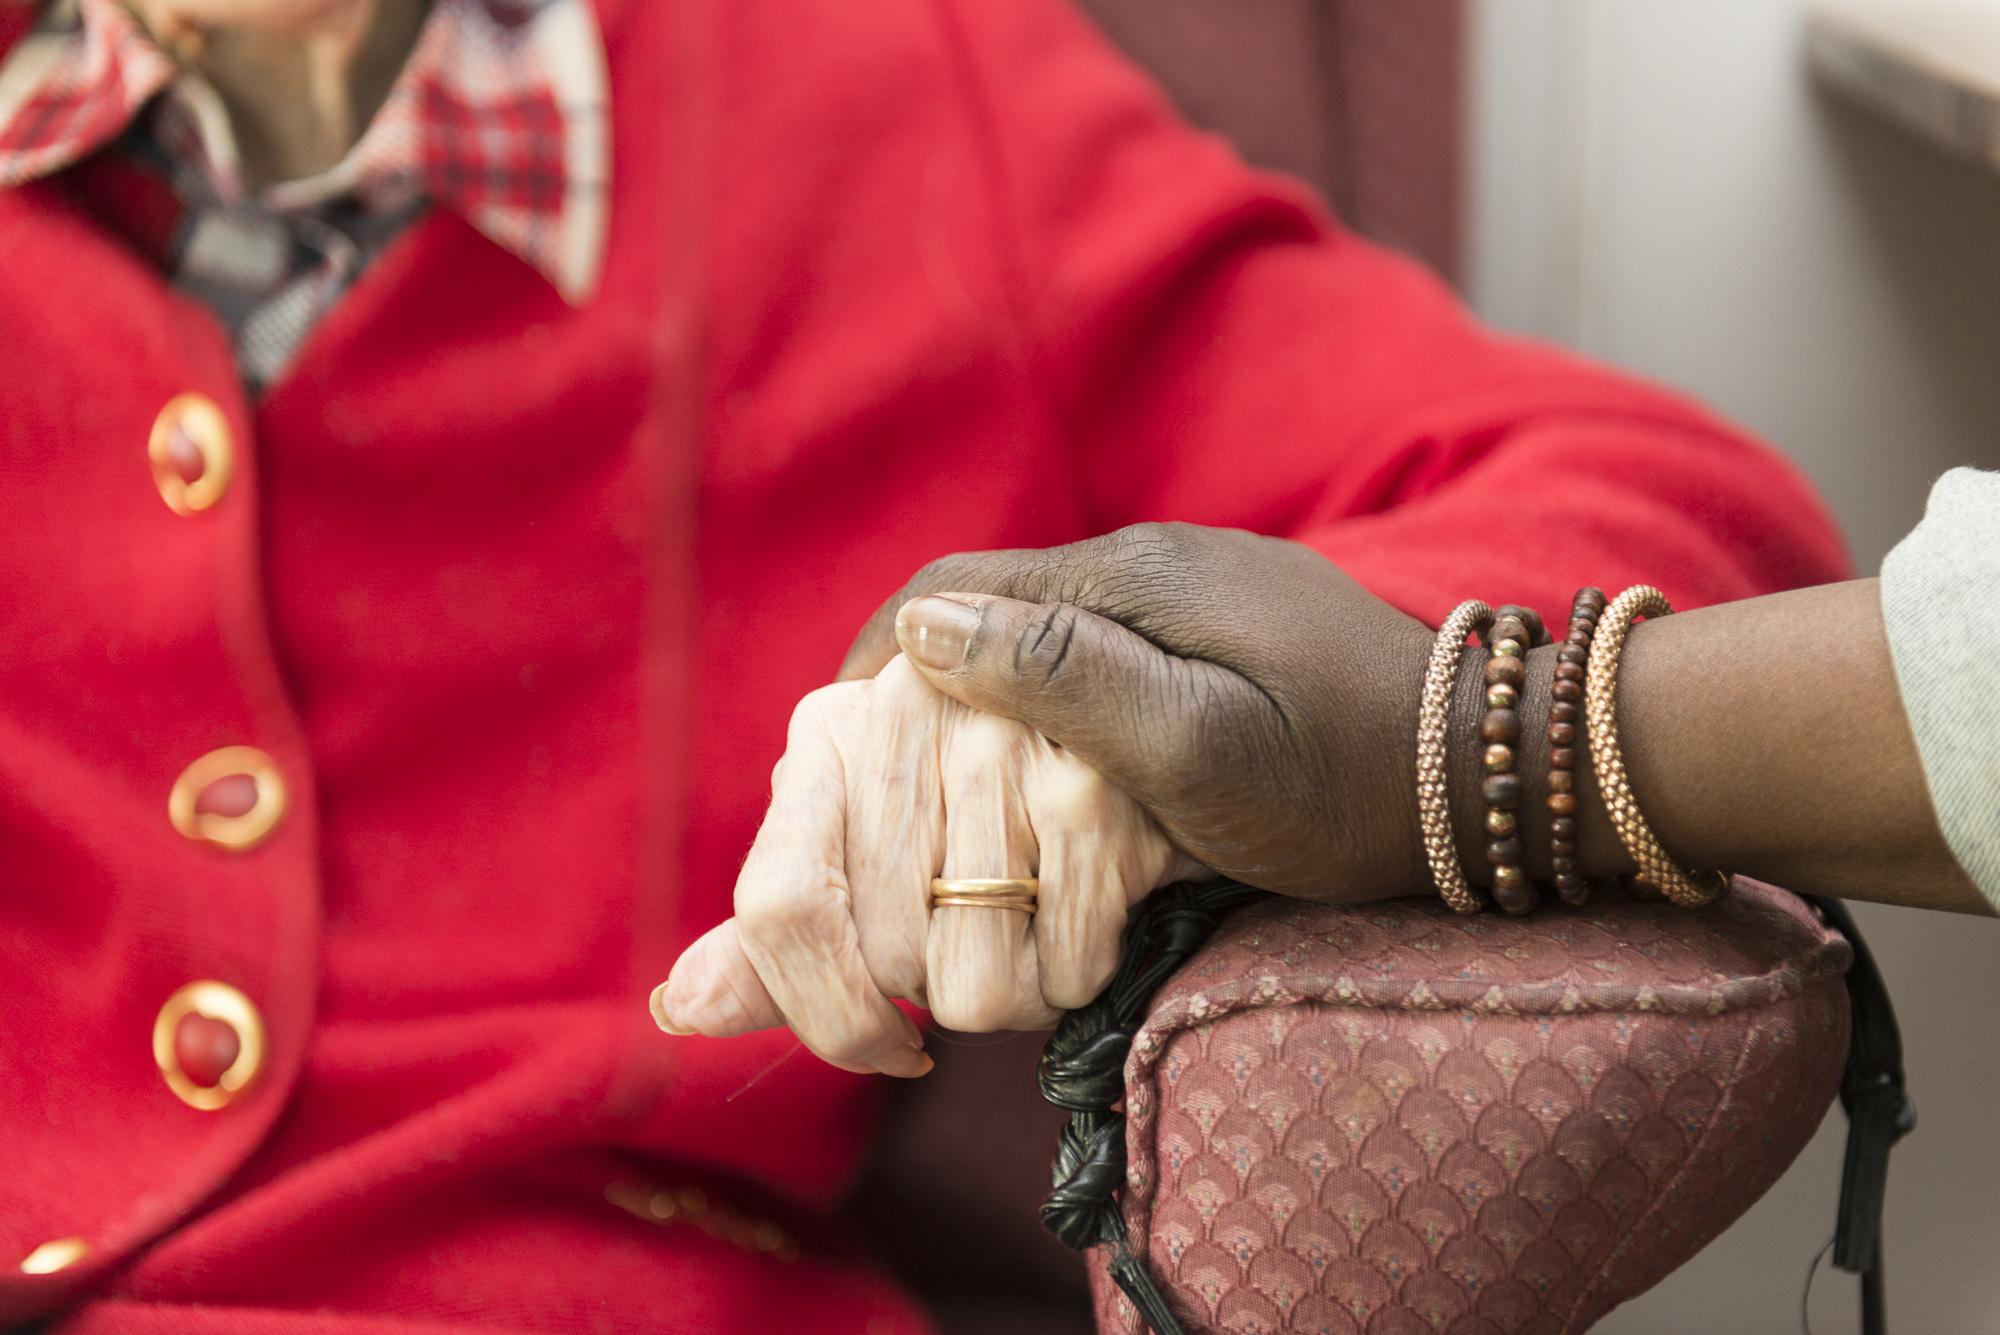 Thuiszorg vacatures waaronder palliatieve zorg